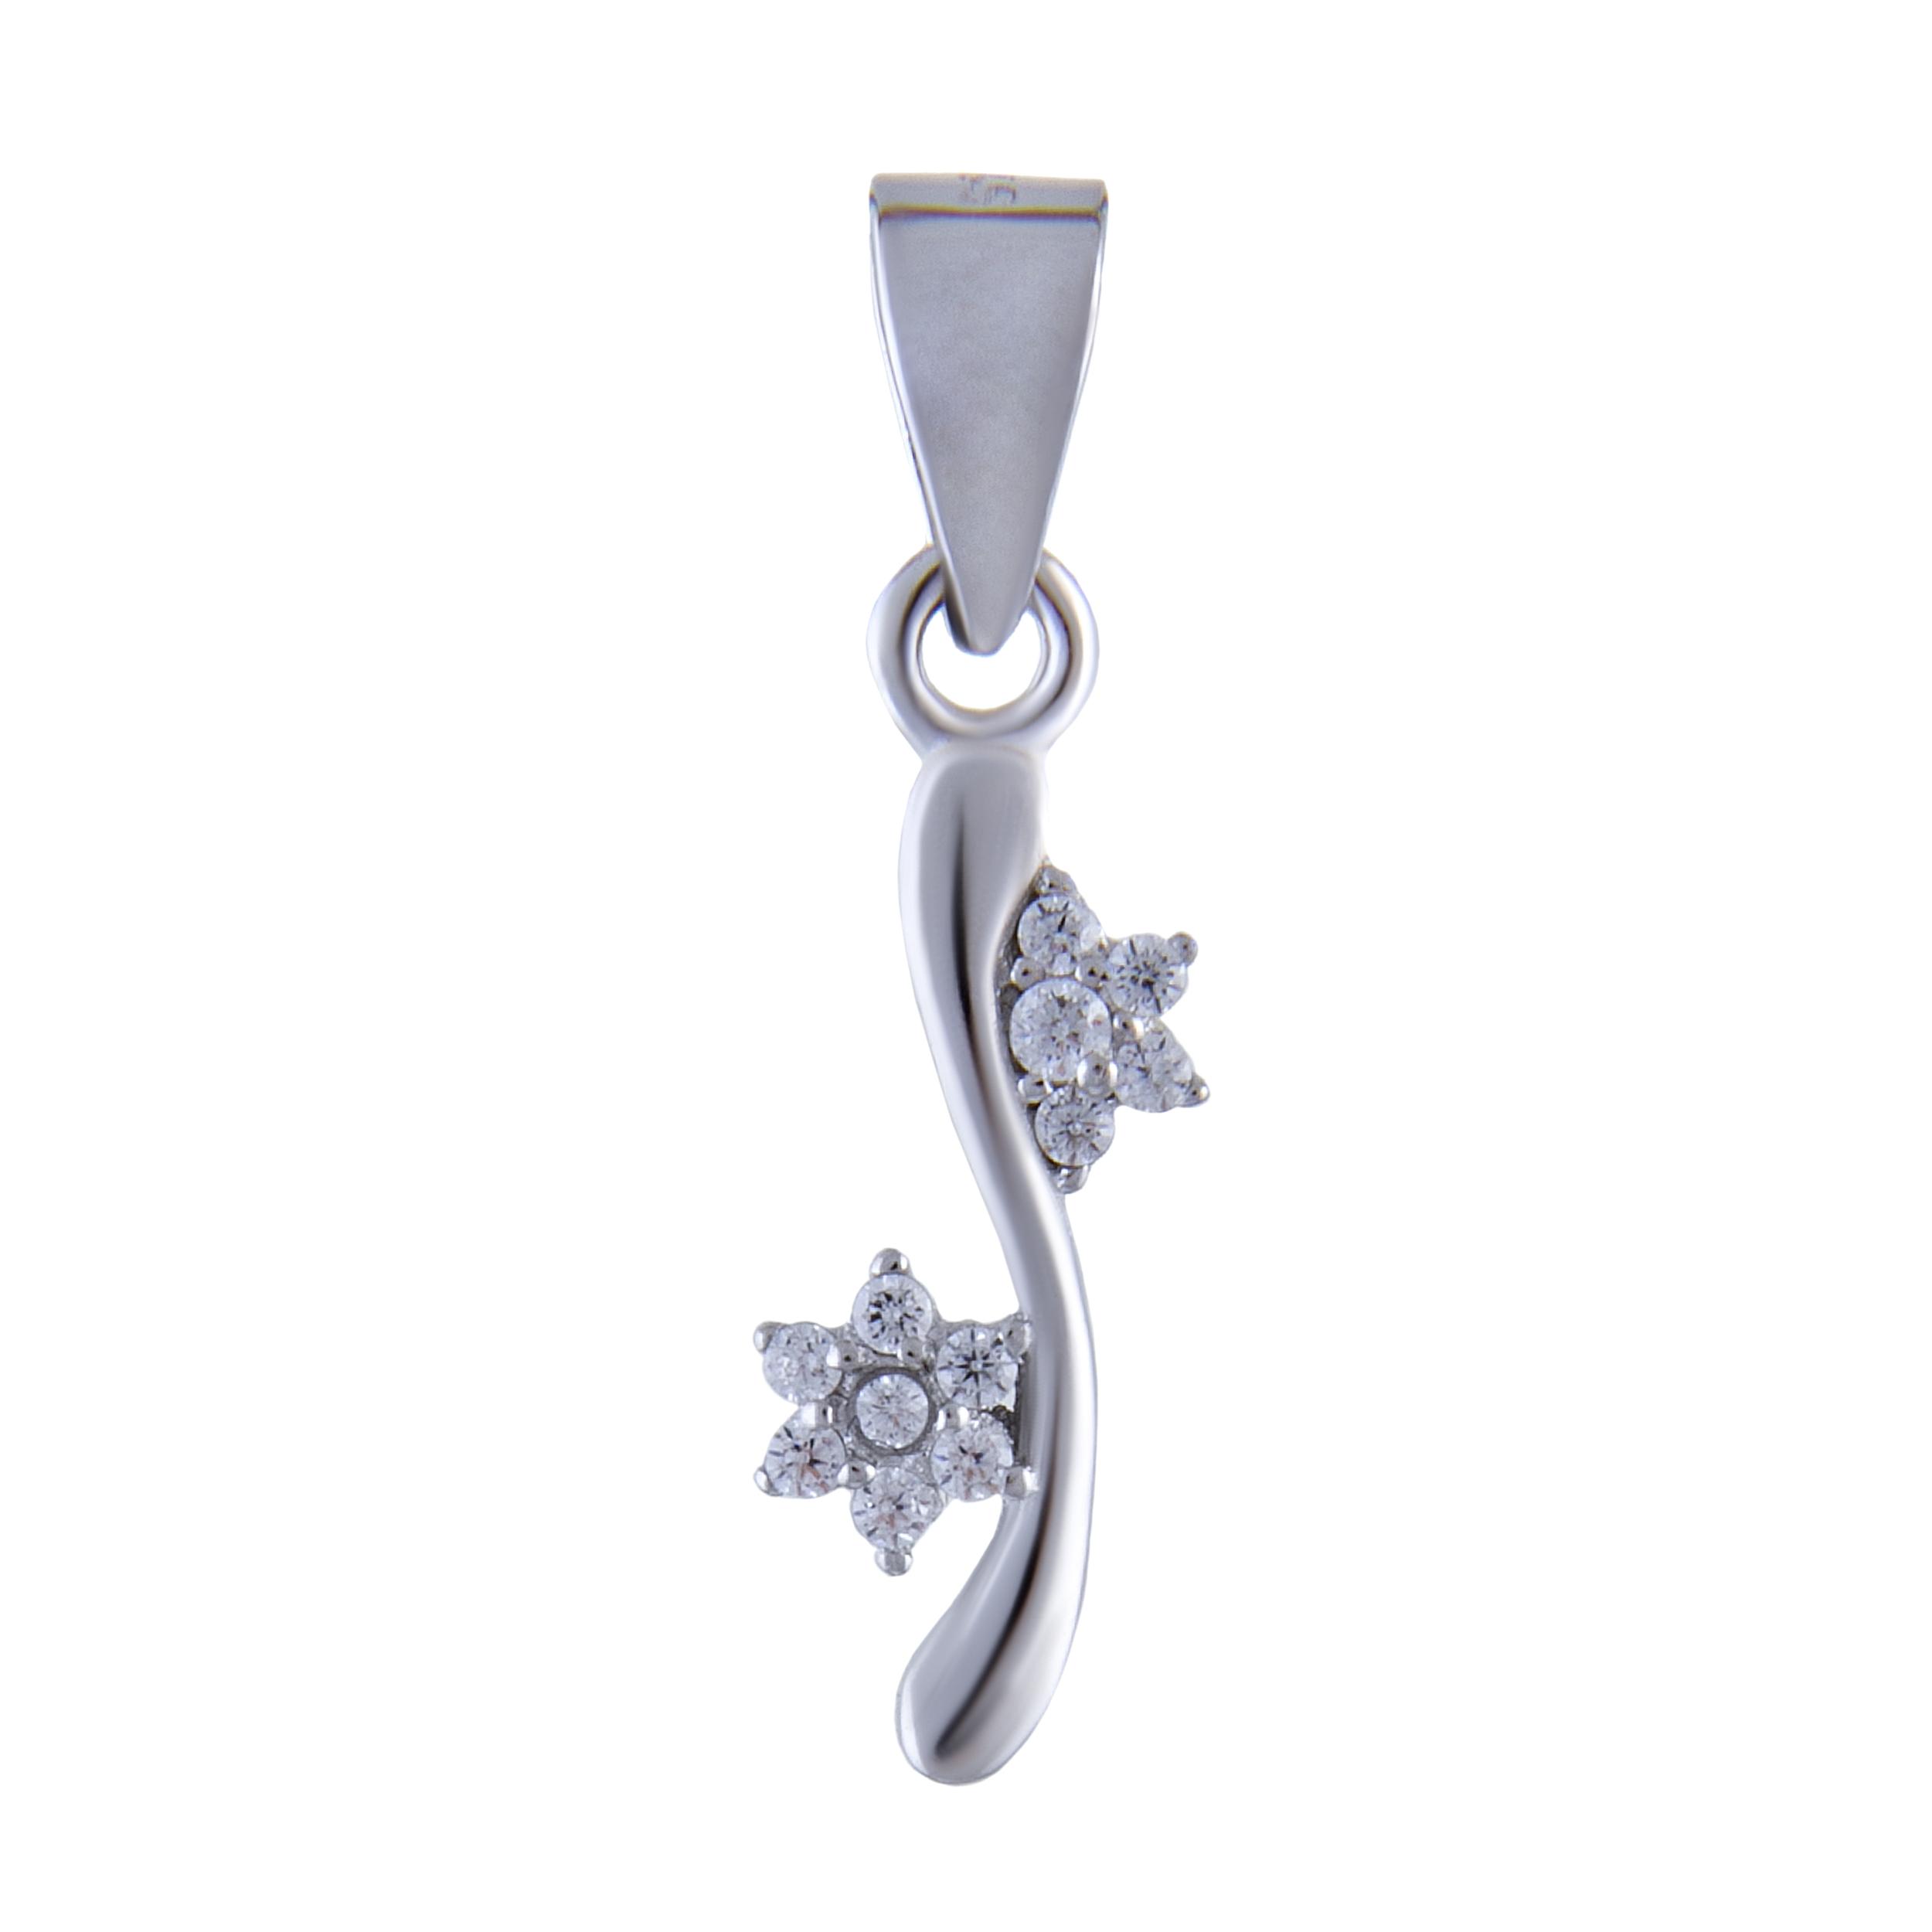 آویز گردنبند نقره زنانه بازرگانی میلادی کد PKR_028